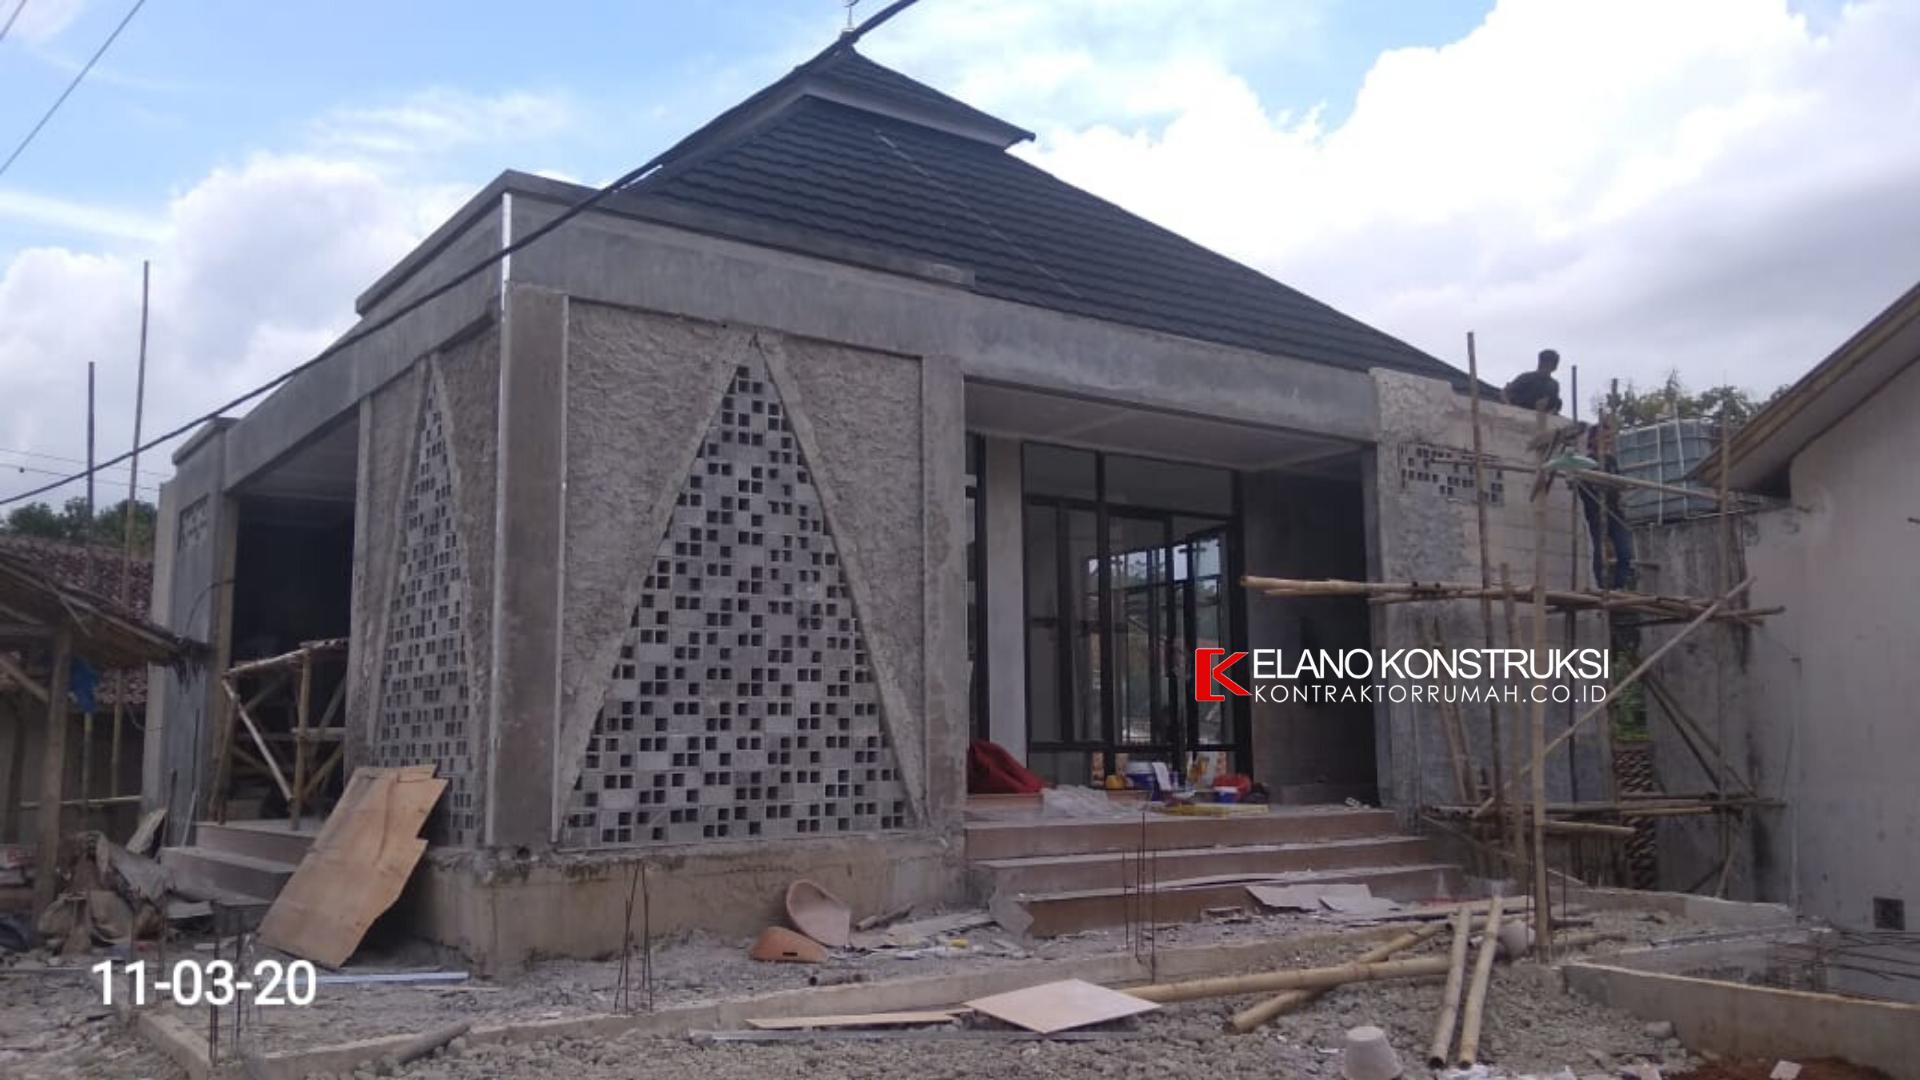 6 - Konstruksi Masjid Pesantren Alanwariyah 230 M2 Banten Jawa Barat